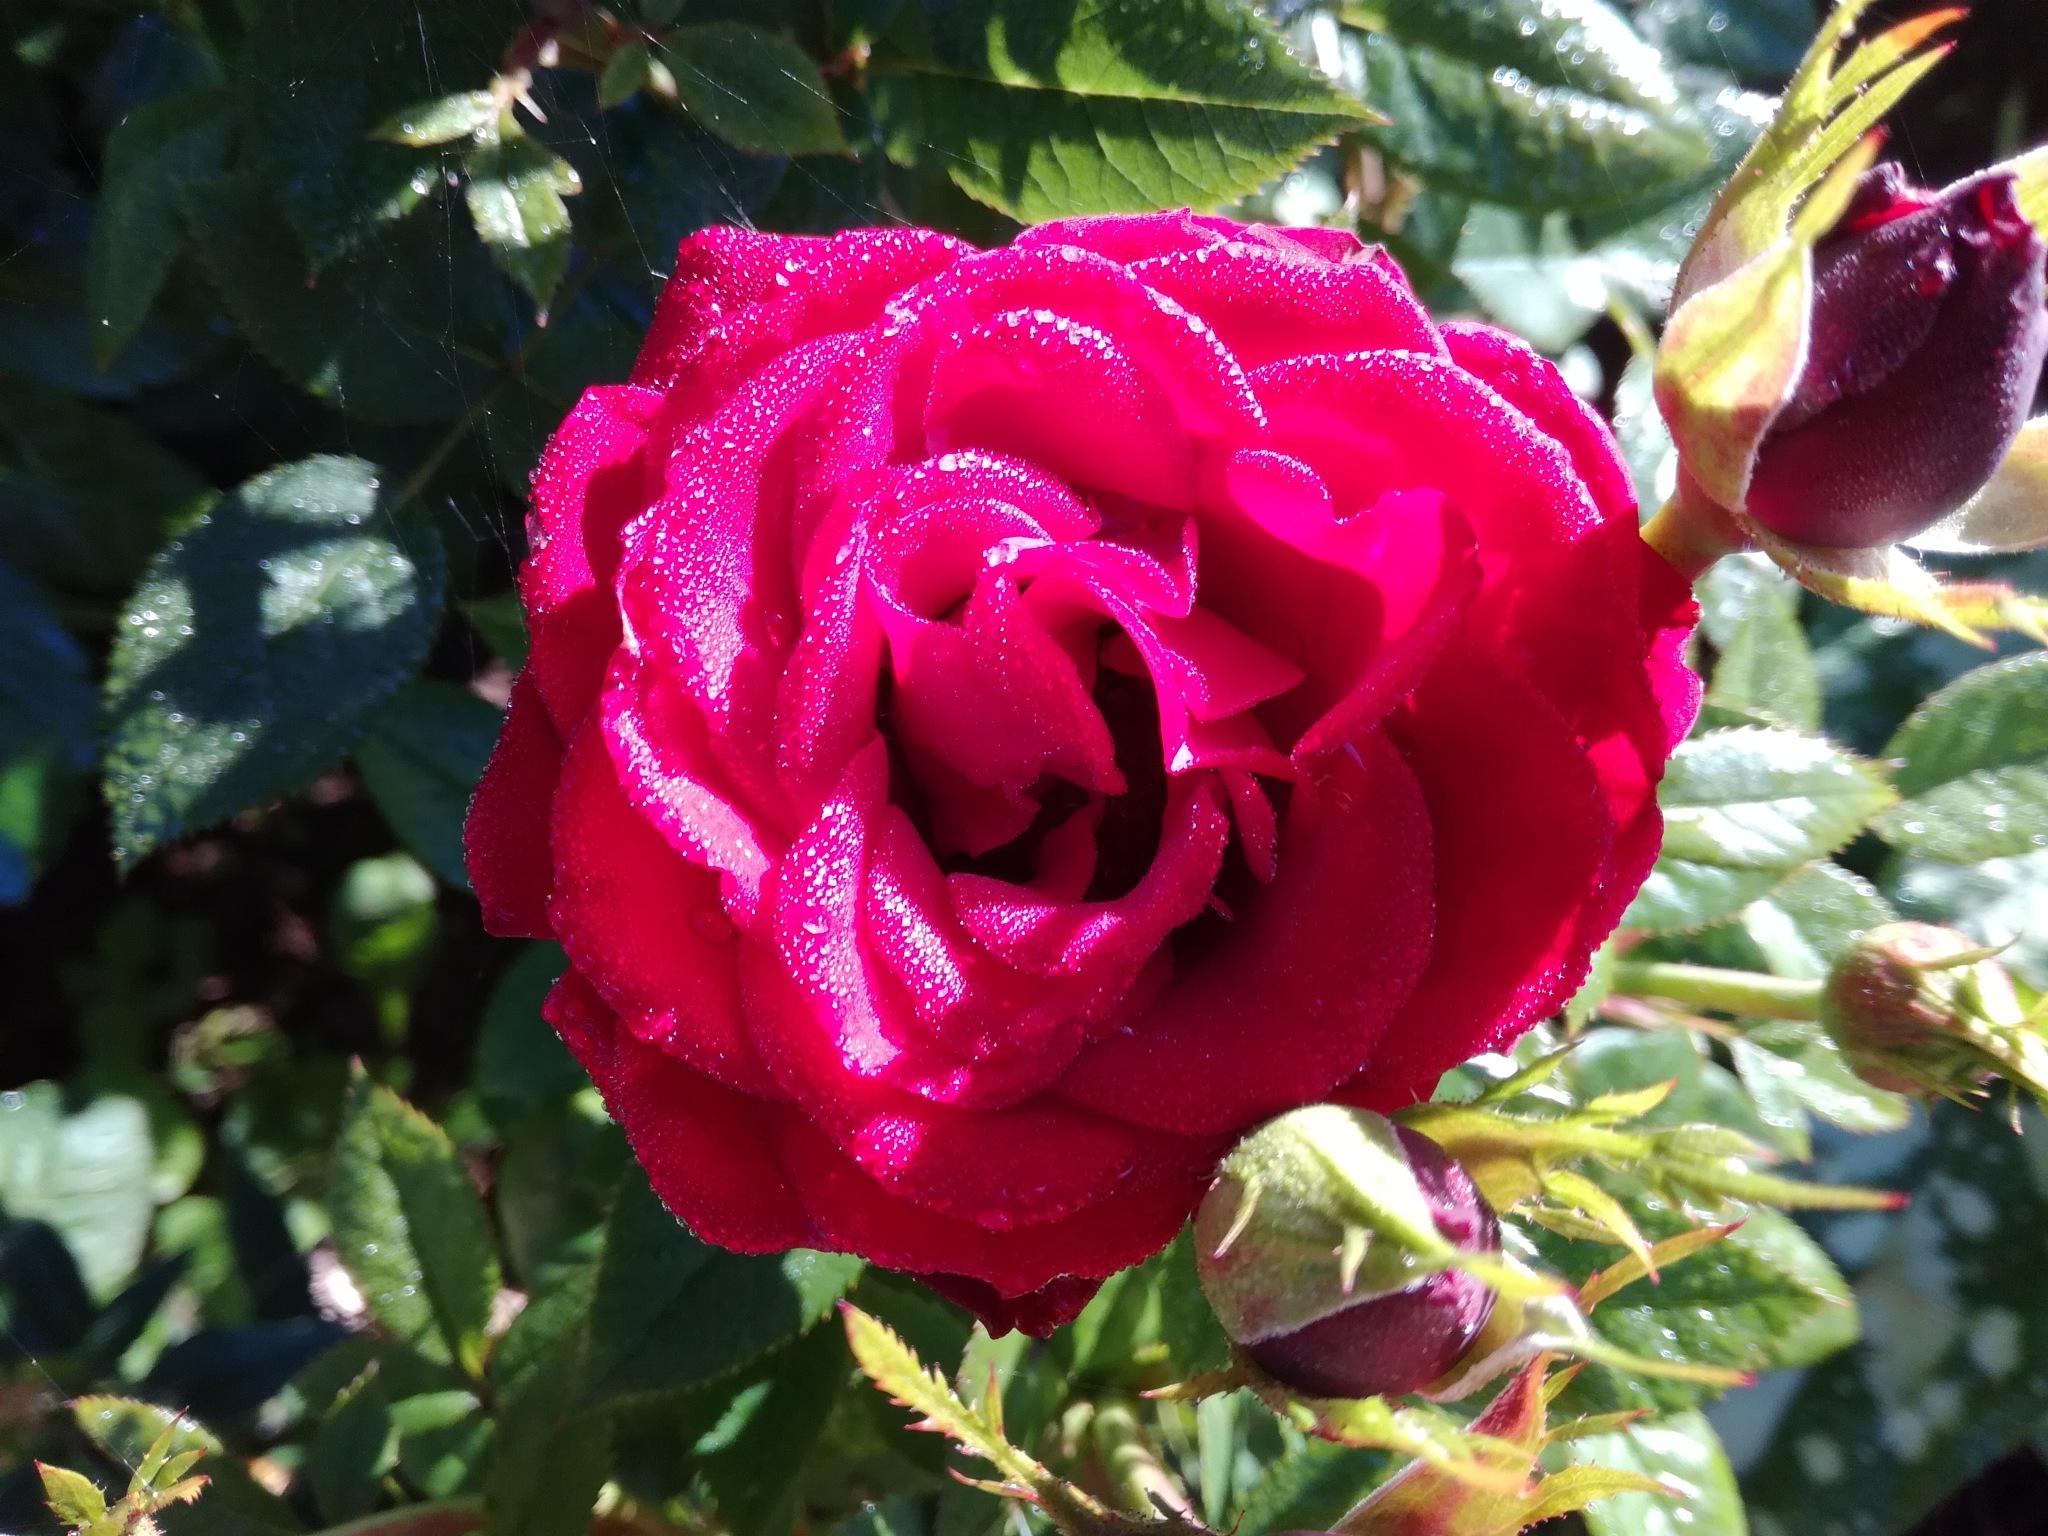 Rose with dew drops by uzkuraitiene62